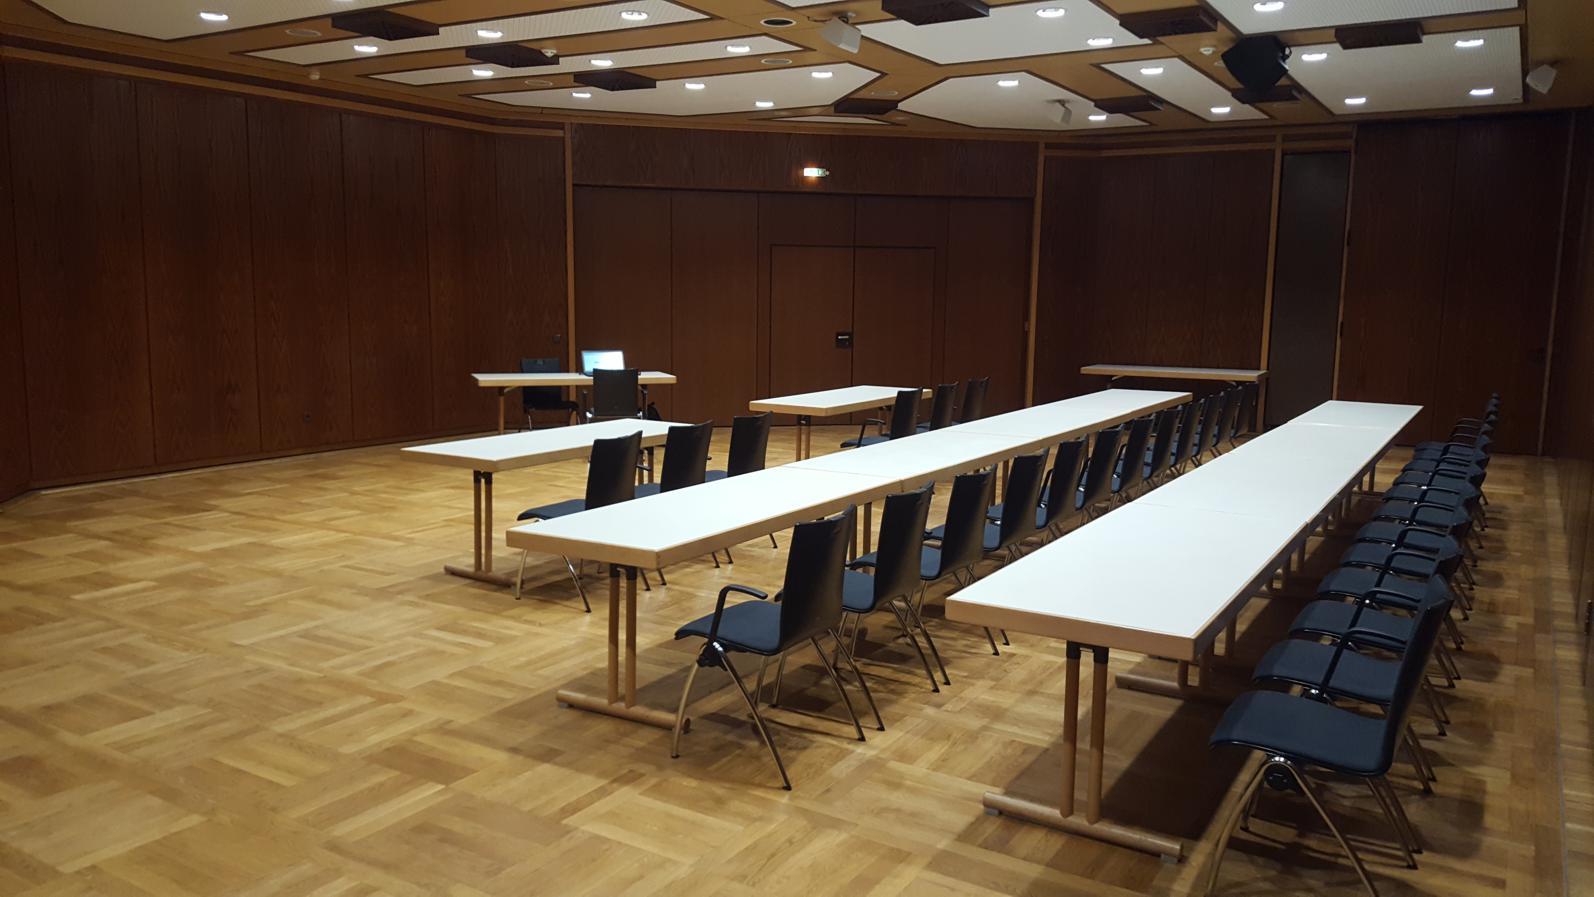 congress-center-ramstein-barbarasaal-seminar